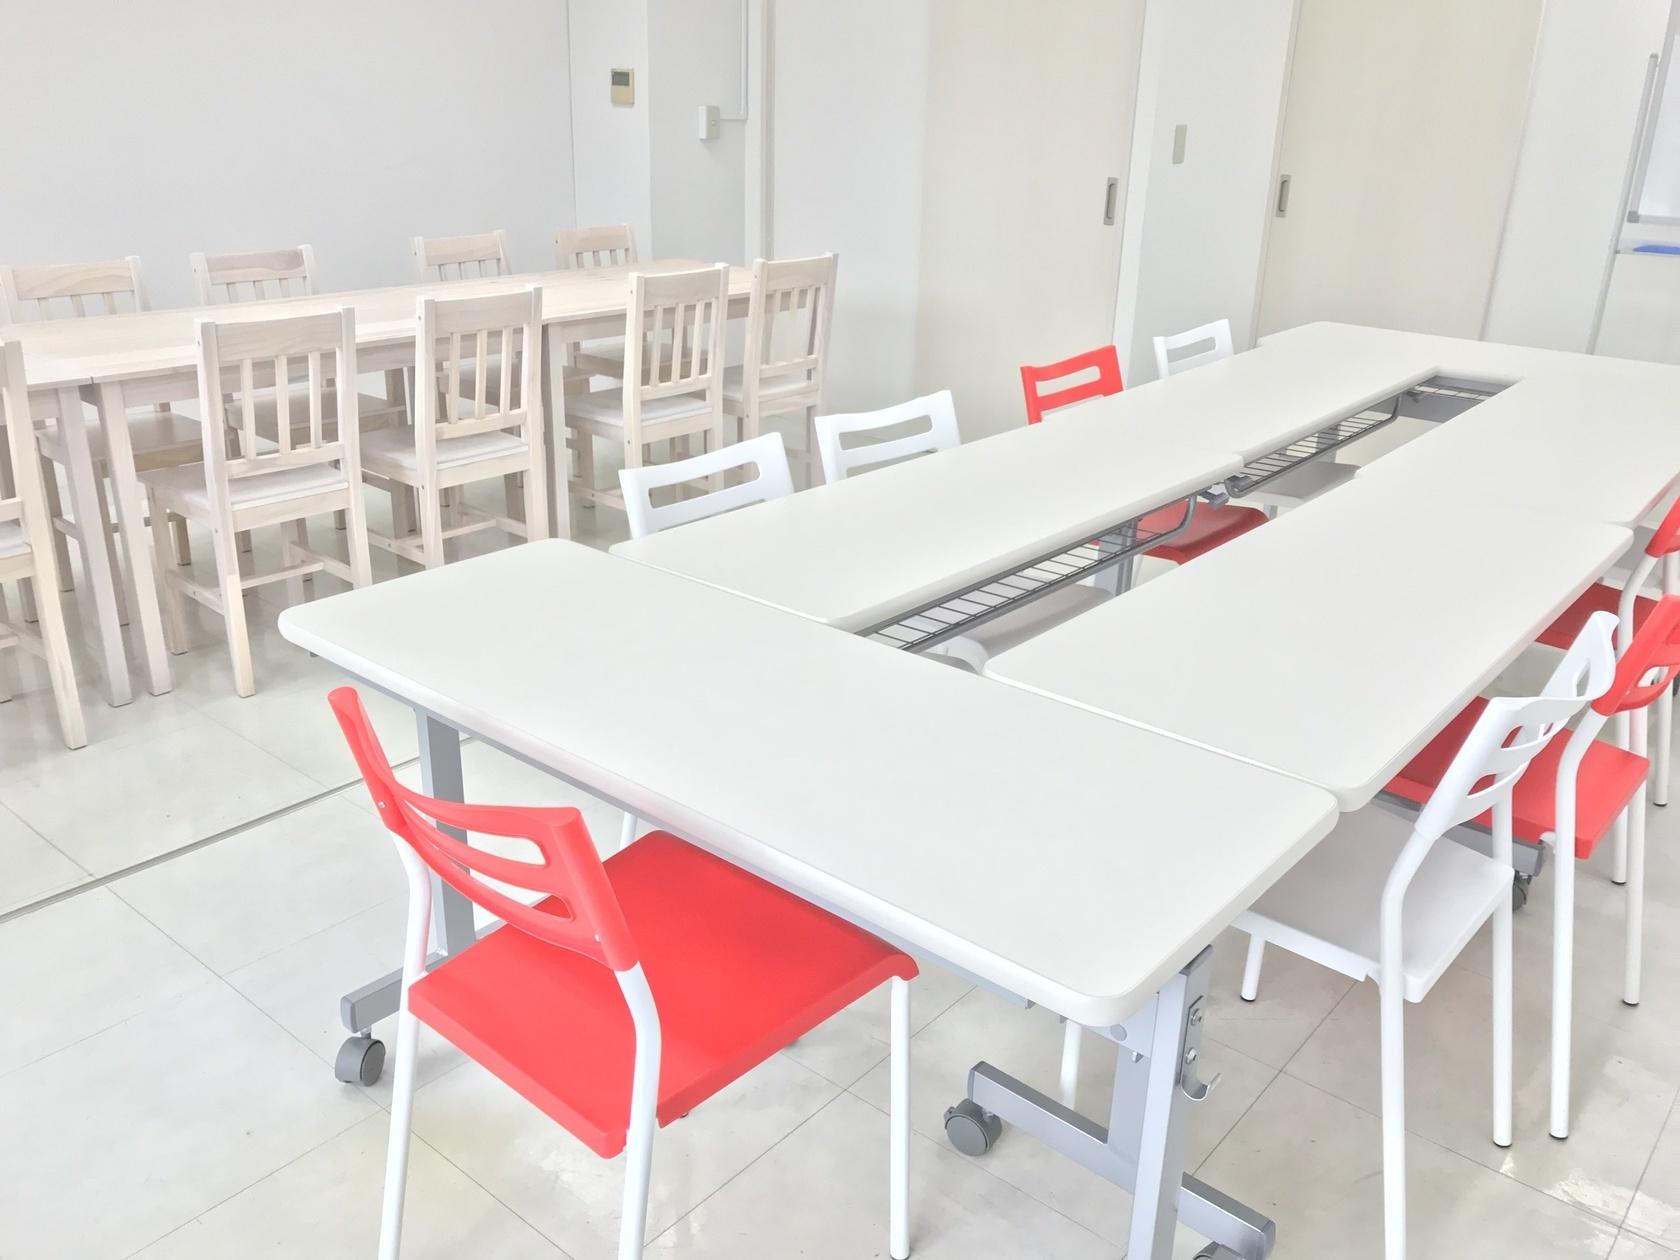 【渋谷】イベントルーム ~白を基調としたおしゃれな会議室~【渋谷駅徒歩6分】(Blenda Tiara (ブレンダ ティアラ)) の写真0